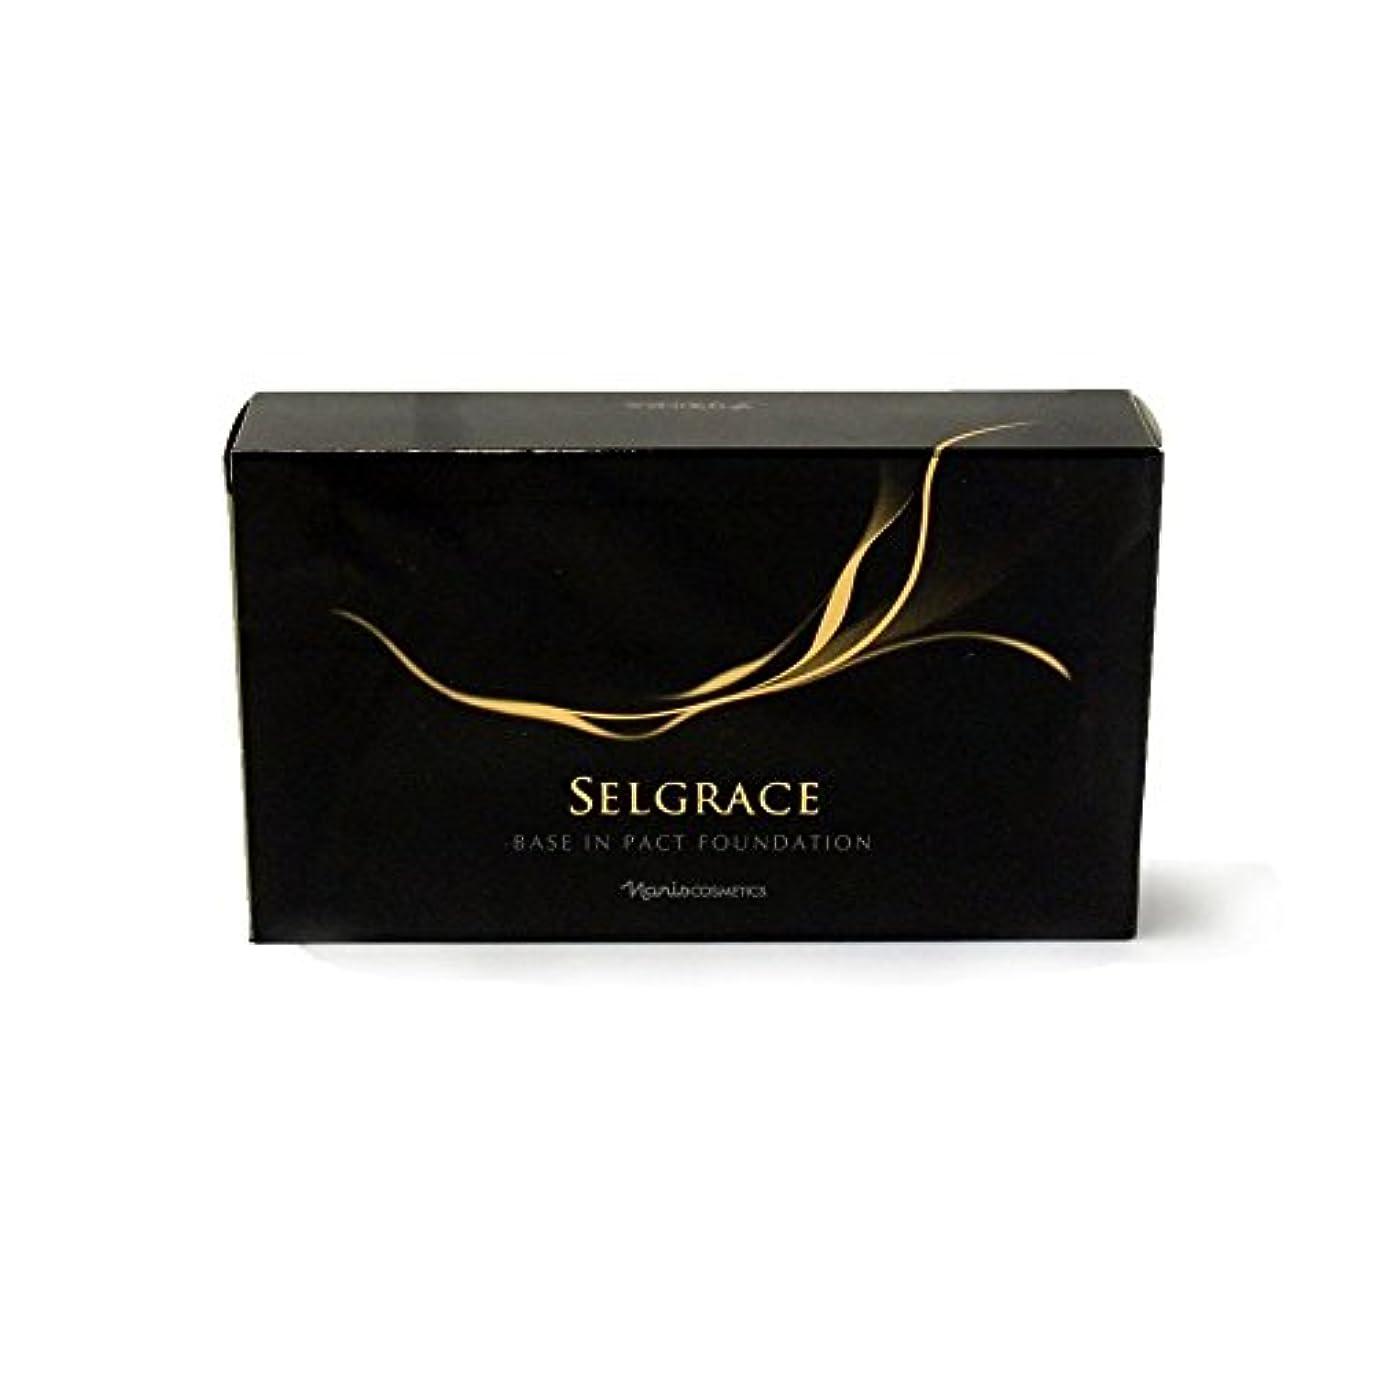 主権者注入する劣るナリス化粧品 セルグレース ベースインパクト ファンデーション 570 ダークベージュ レフィル (スポンジ付き)